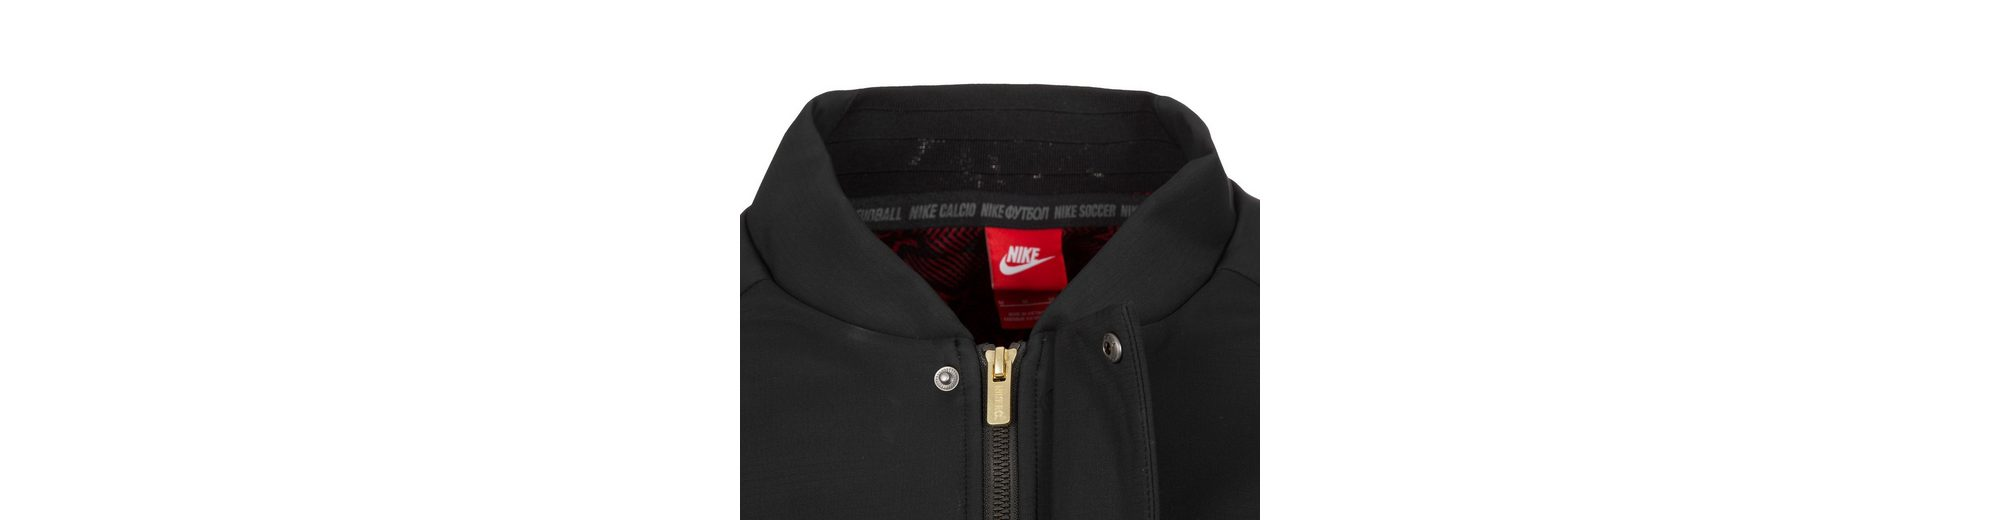 Kosten Nike Sportswear F.C. Jacke Herren Spielraum Offiziellen Klassisch Qualität Freies Verschiffen 27k4EB8